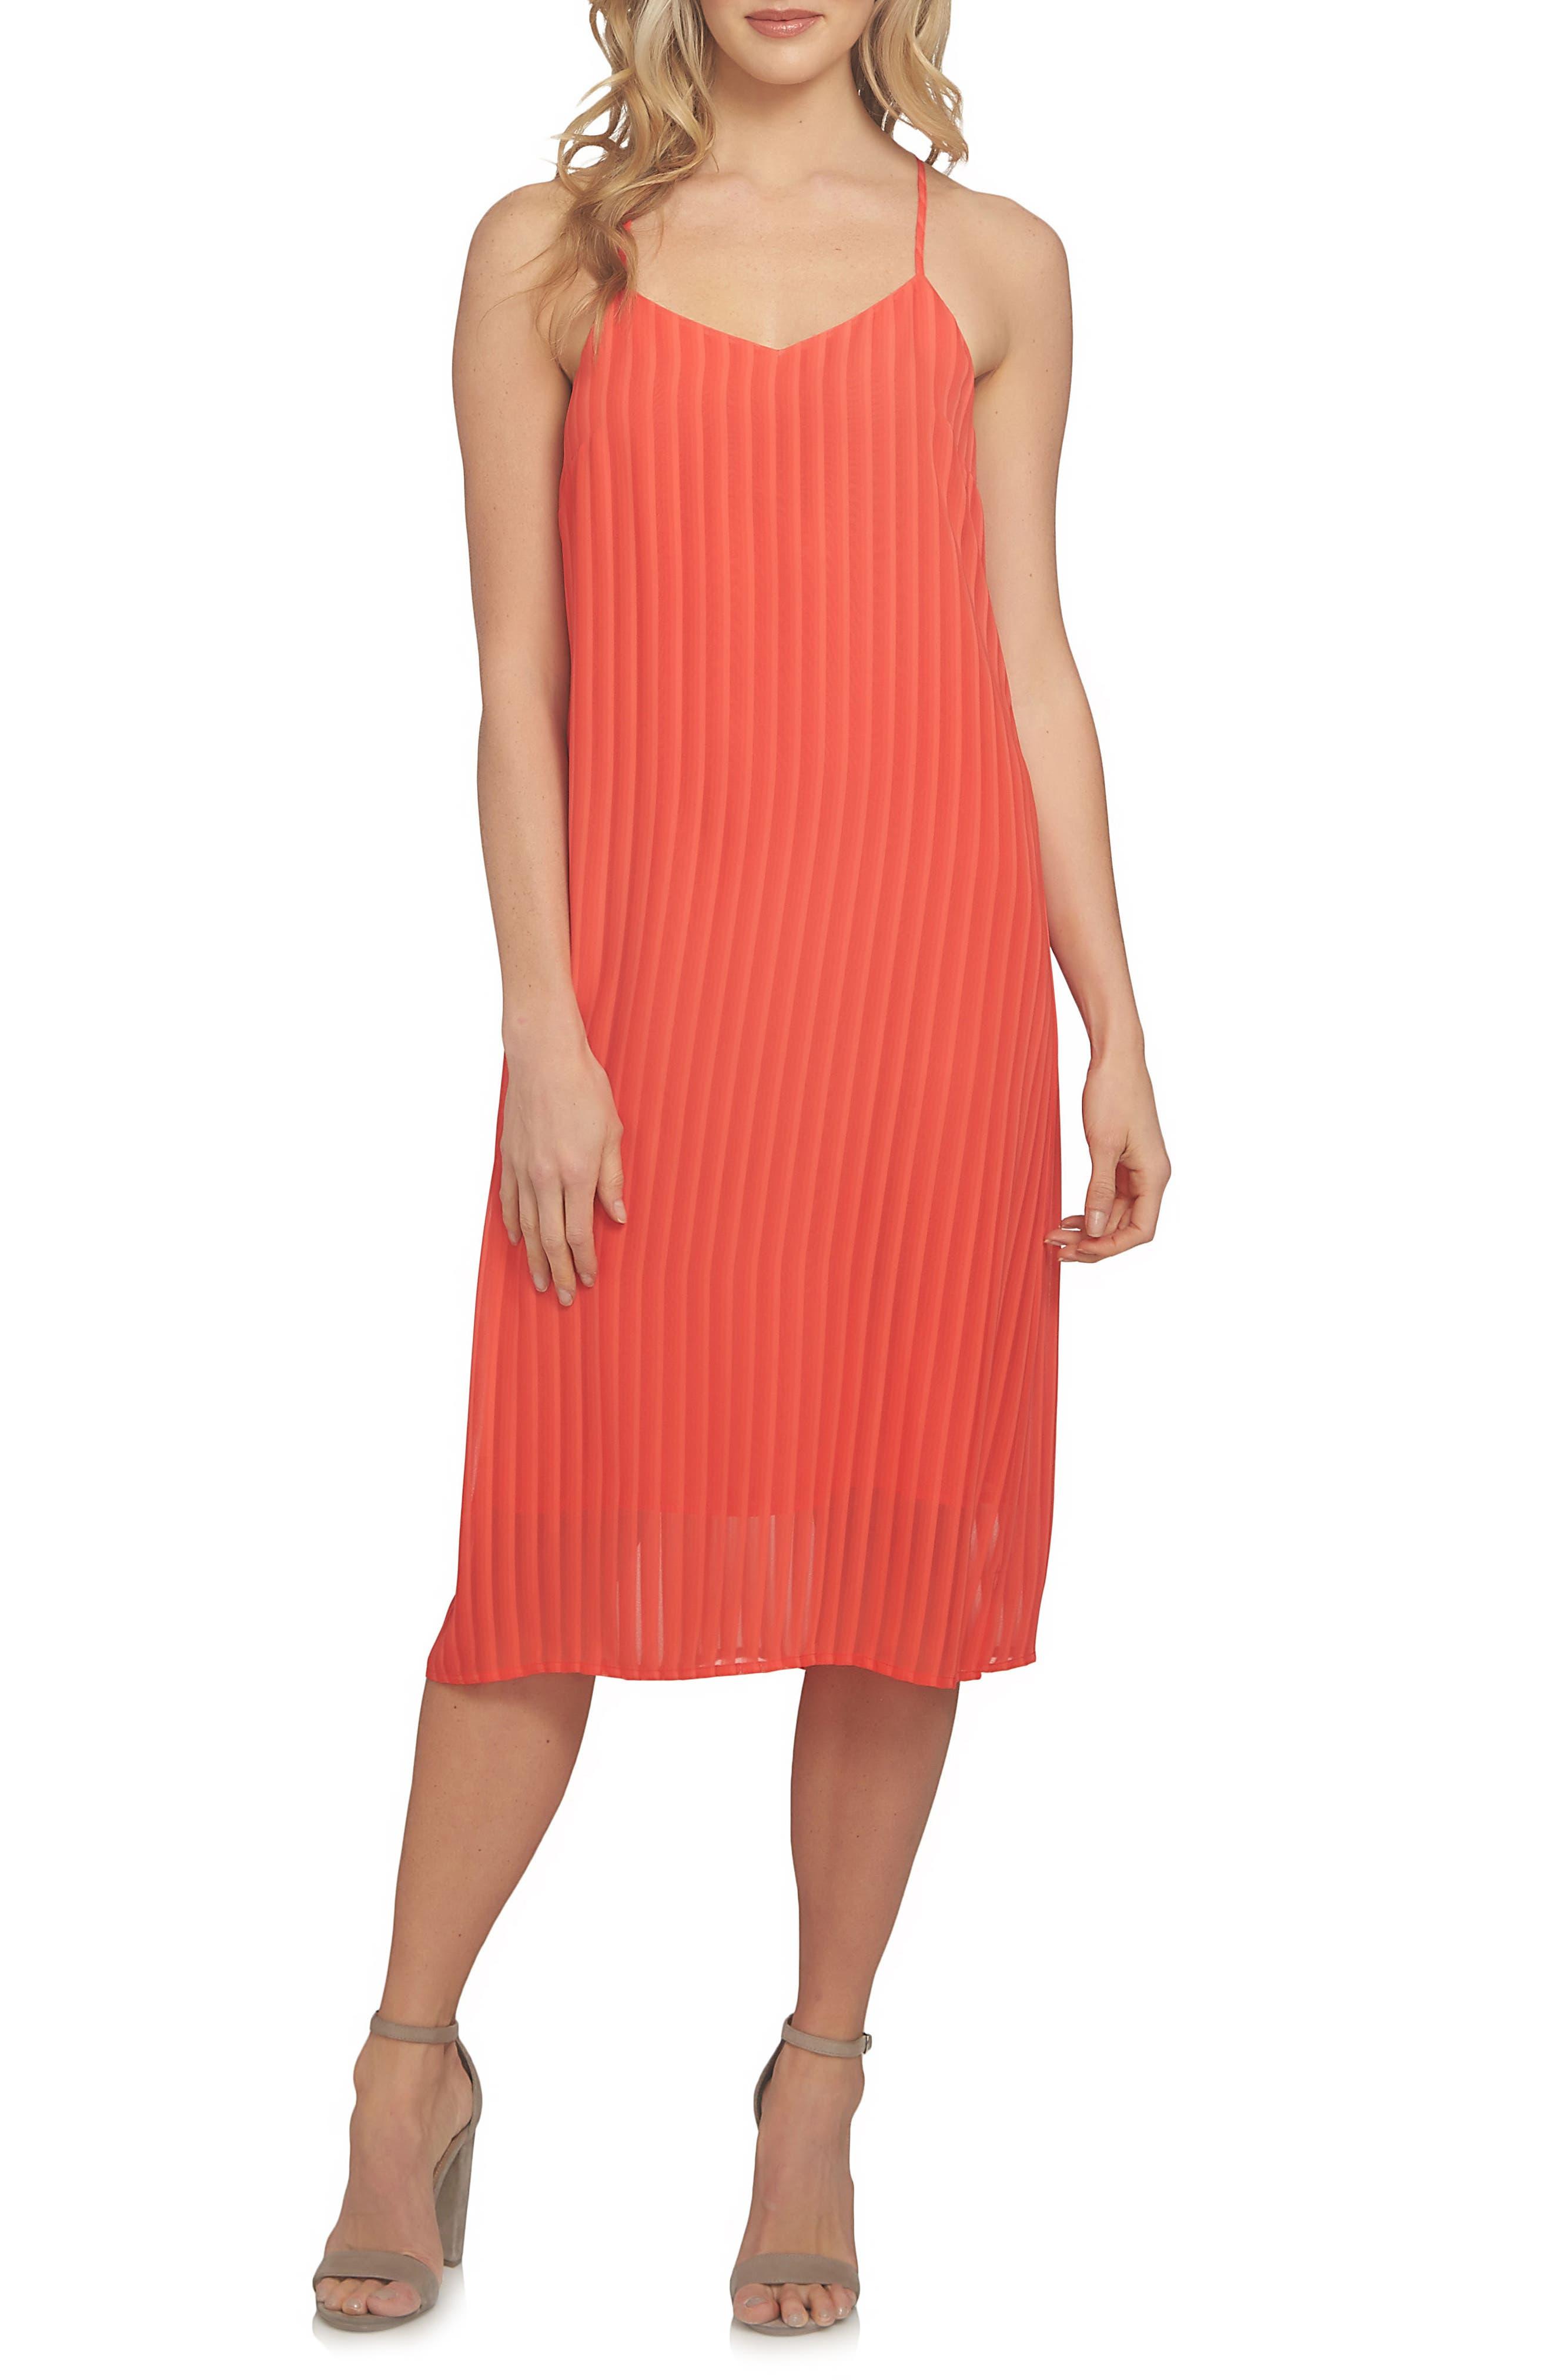 CeCe Lacey Chiffon Midi Dress